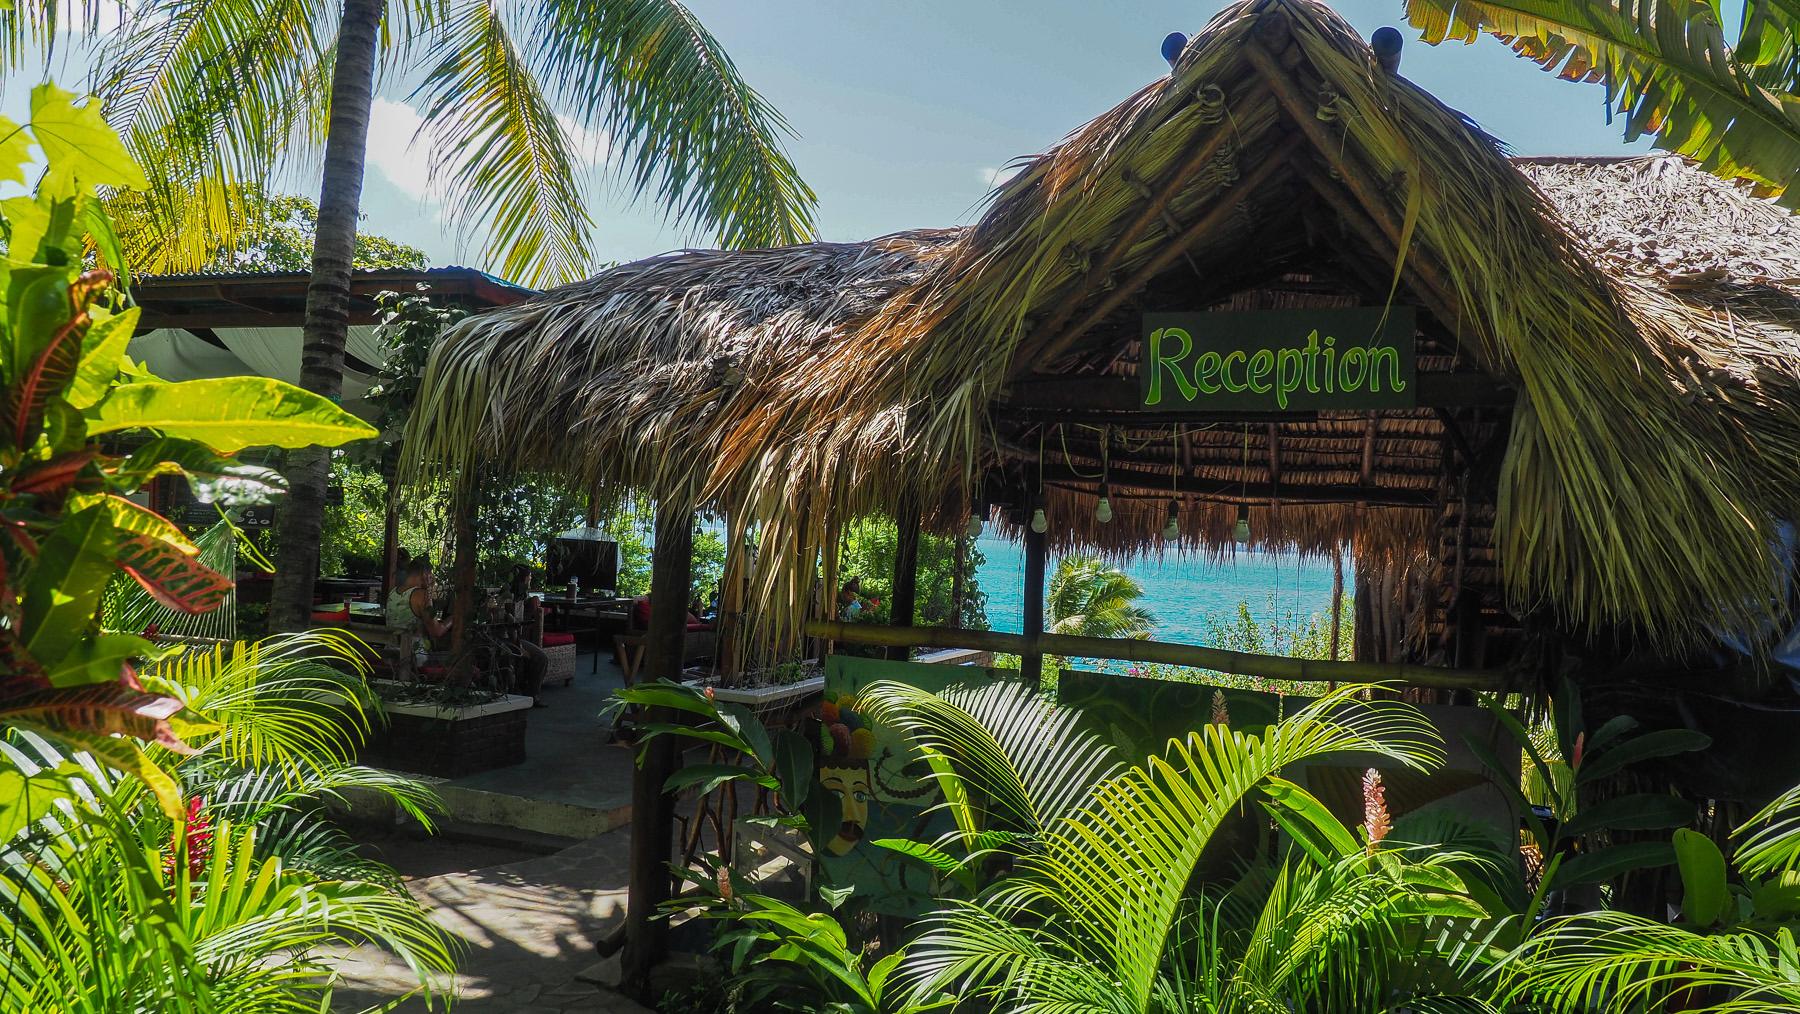 Hostel Paradiso am Laguna Apoyo, eine gute Empfehlung